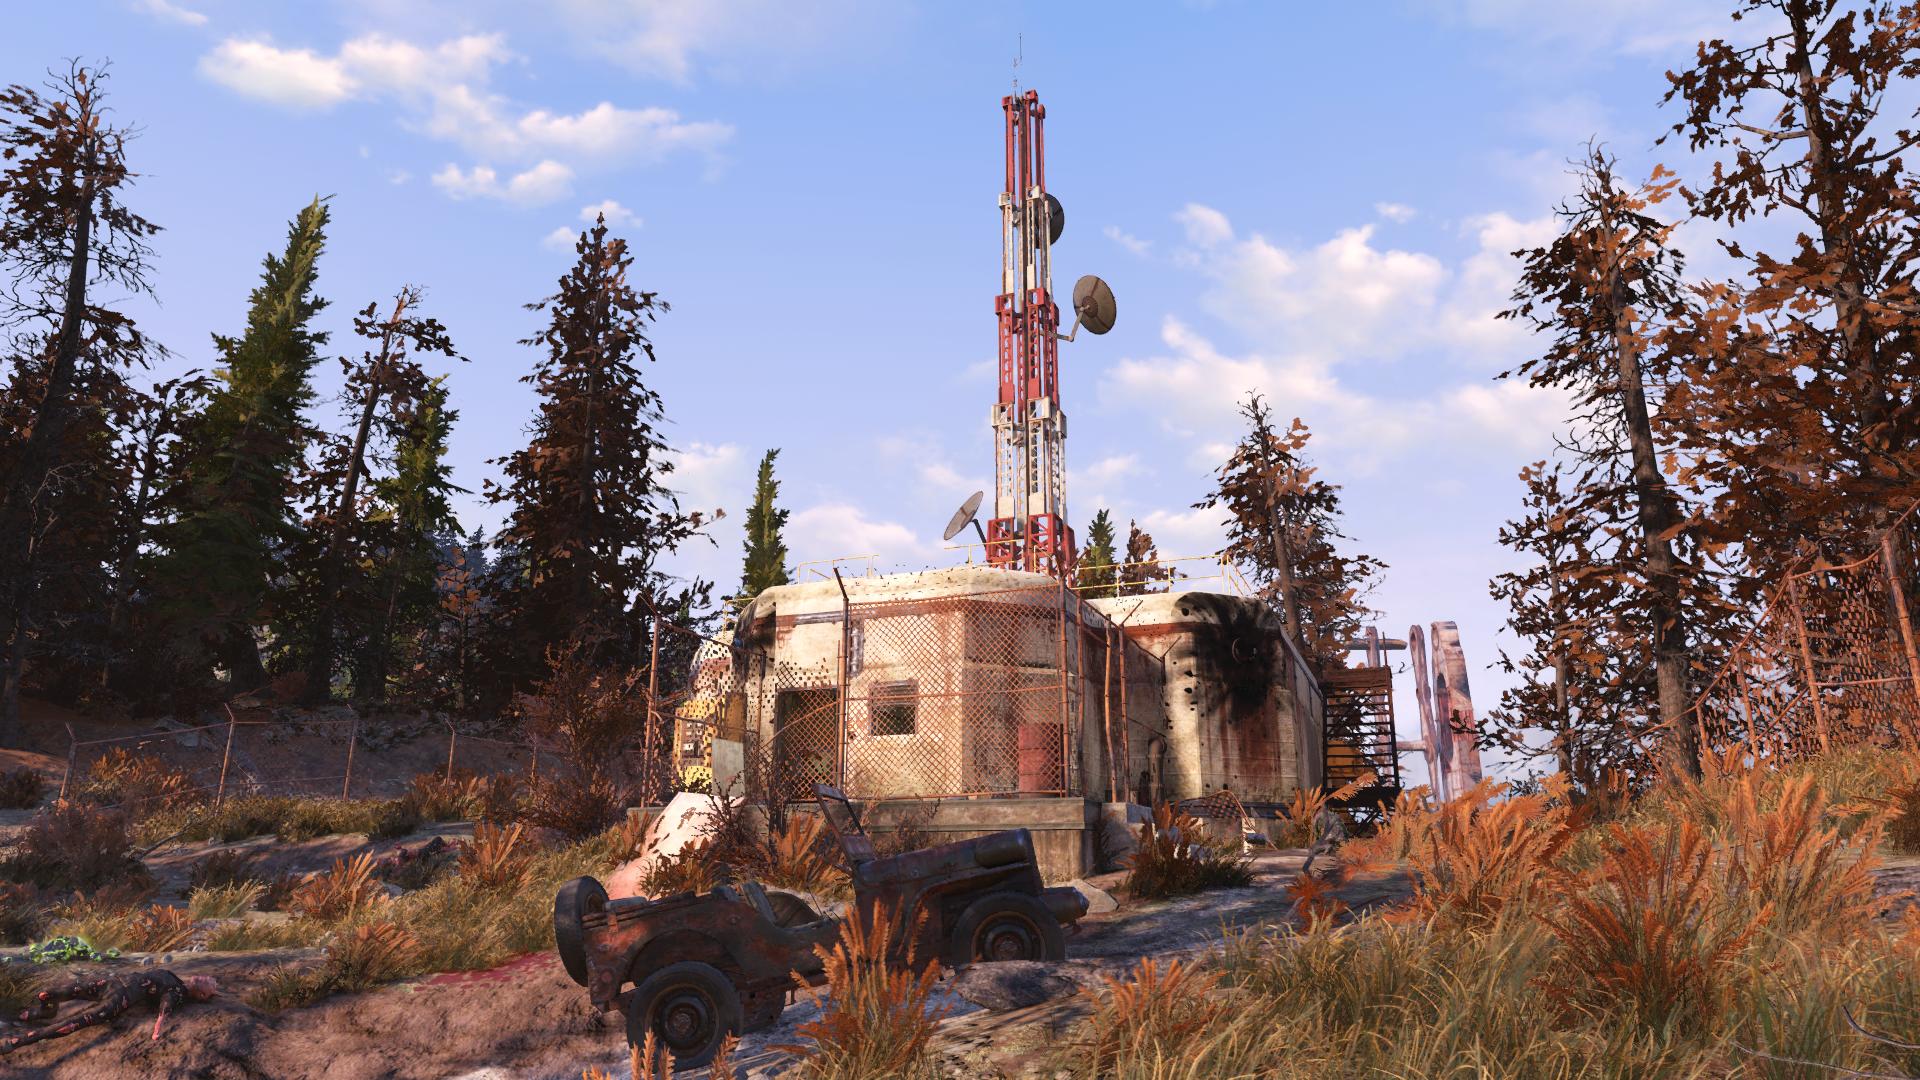 Relay tower EL-B1-02